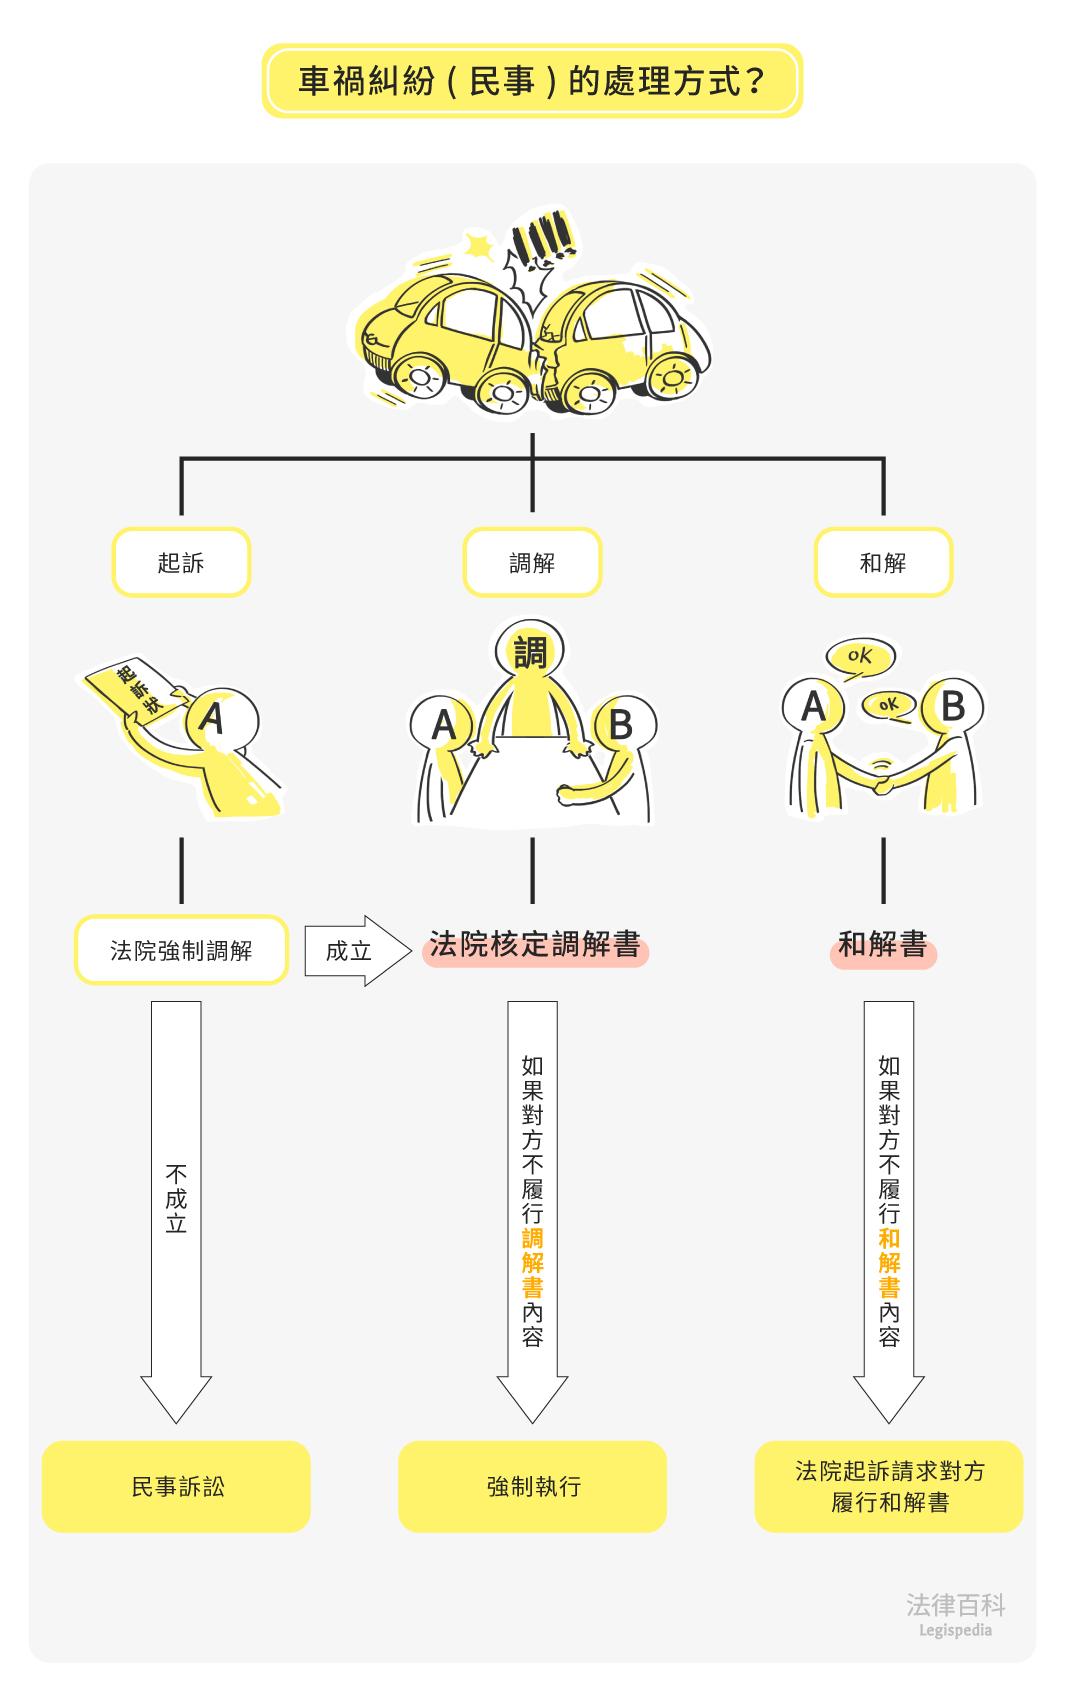 圖1 車禍糾紛(民事)的處理方式?||資料來源:雷皓明、張學昌 / 繪圖:Yen